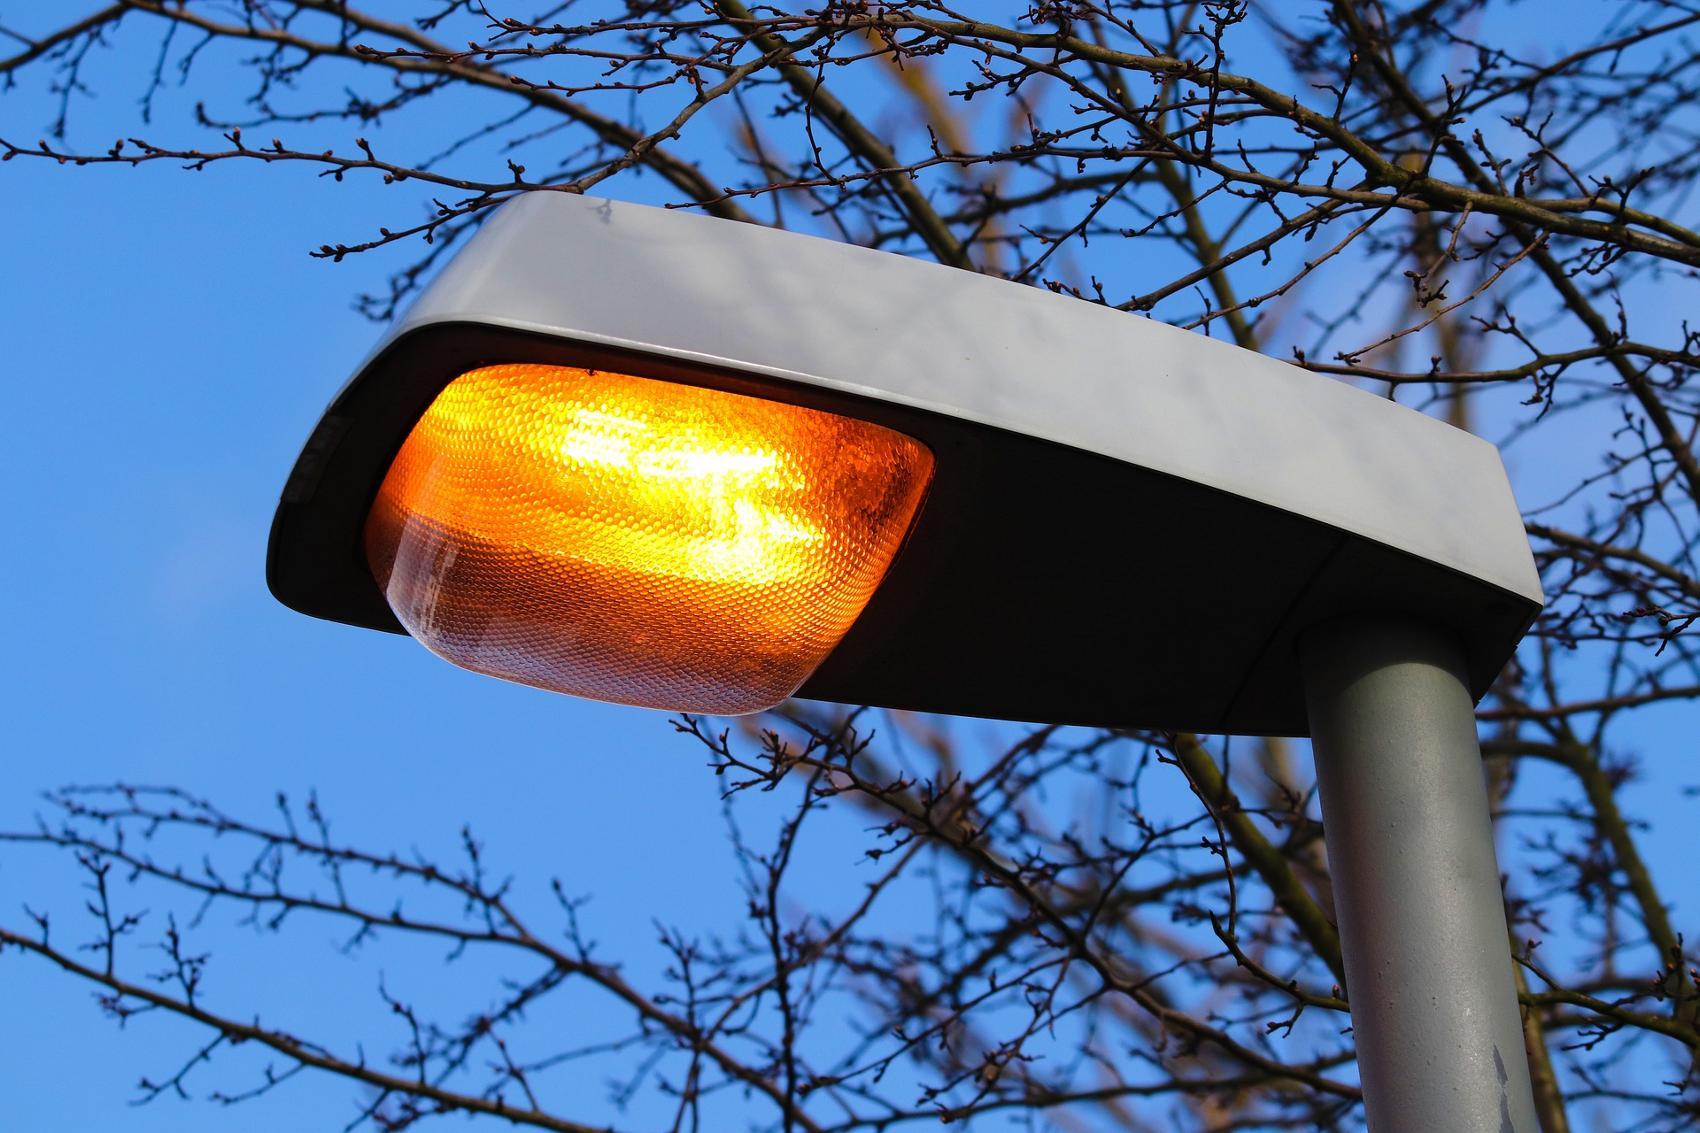 Strassenlaterne Strassenlicht Stassenbeleuchtung